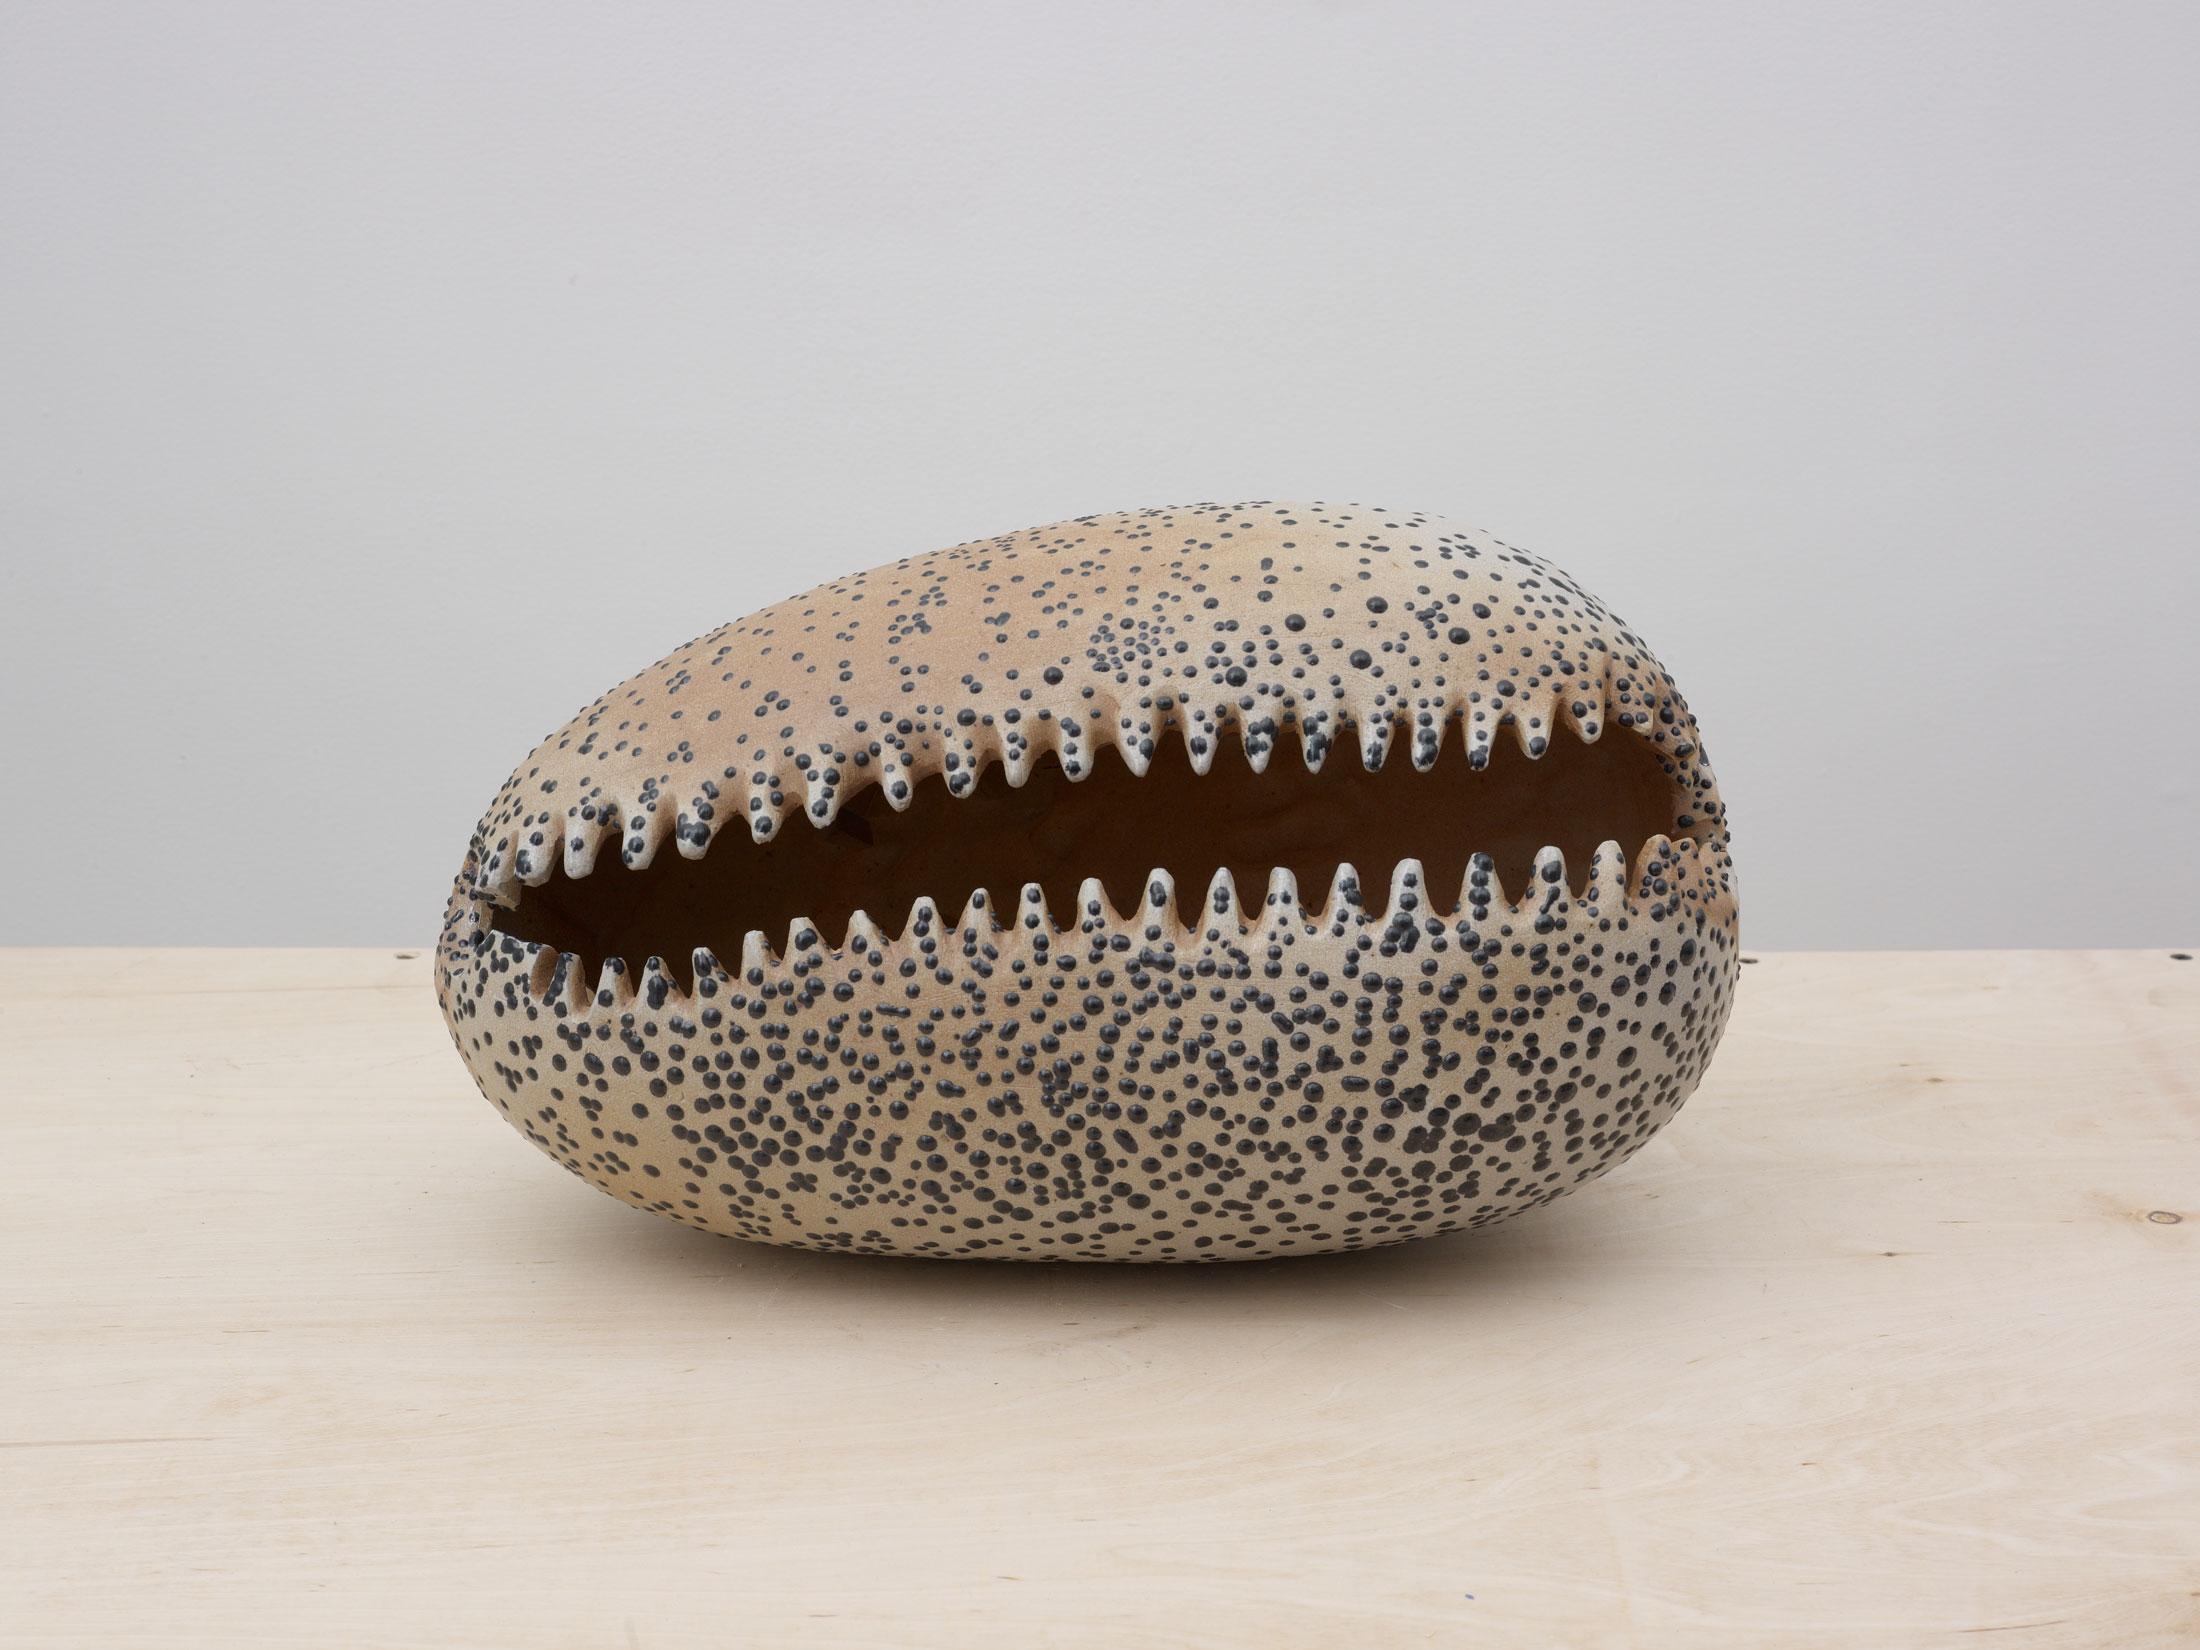 2012-Cowrie-n50-Tilton-gallery-5-7-12-7298-1-XLARGE